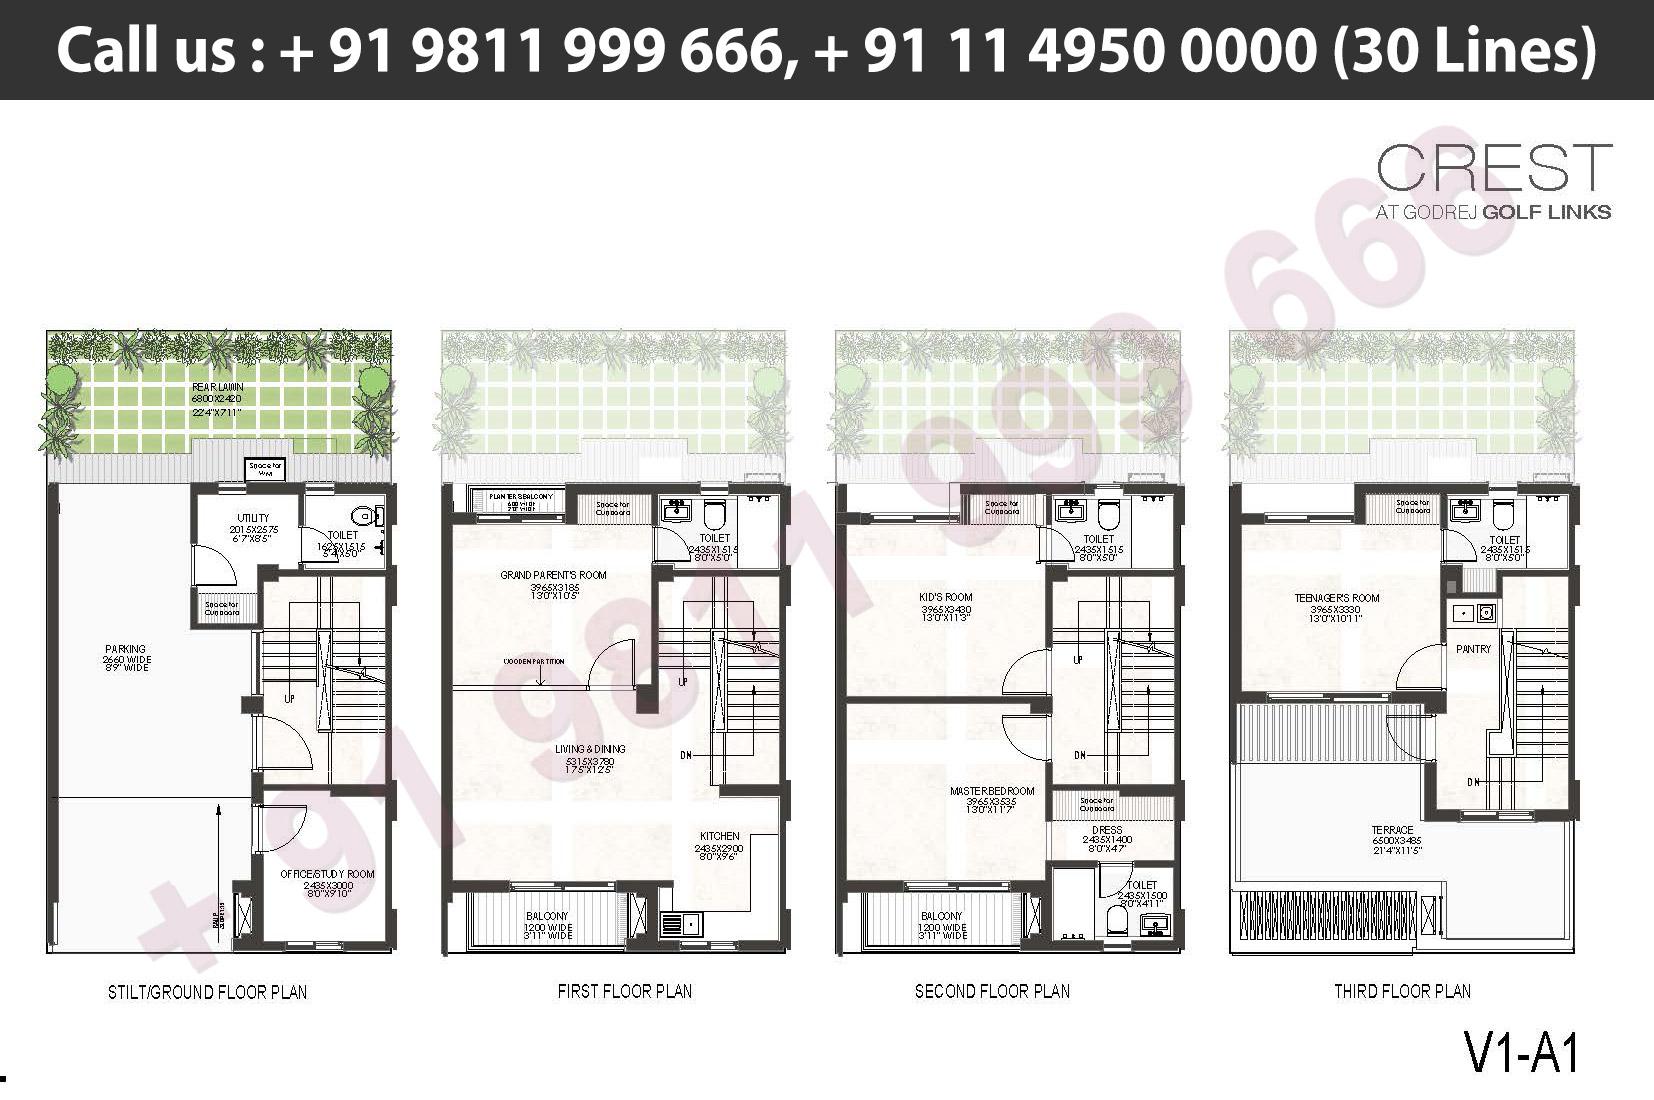 V1 - A1 Floor Plan